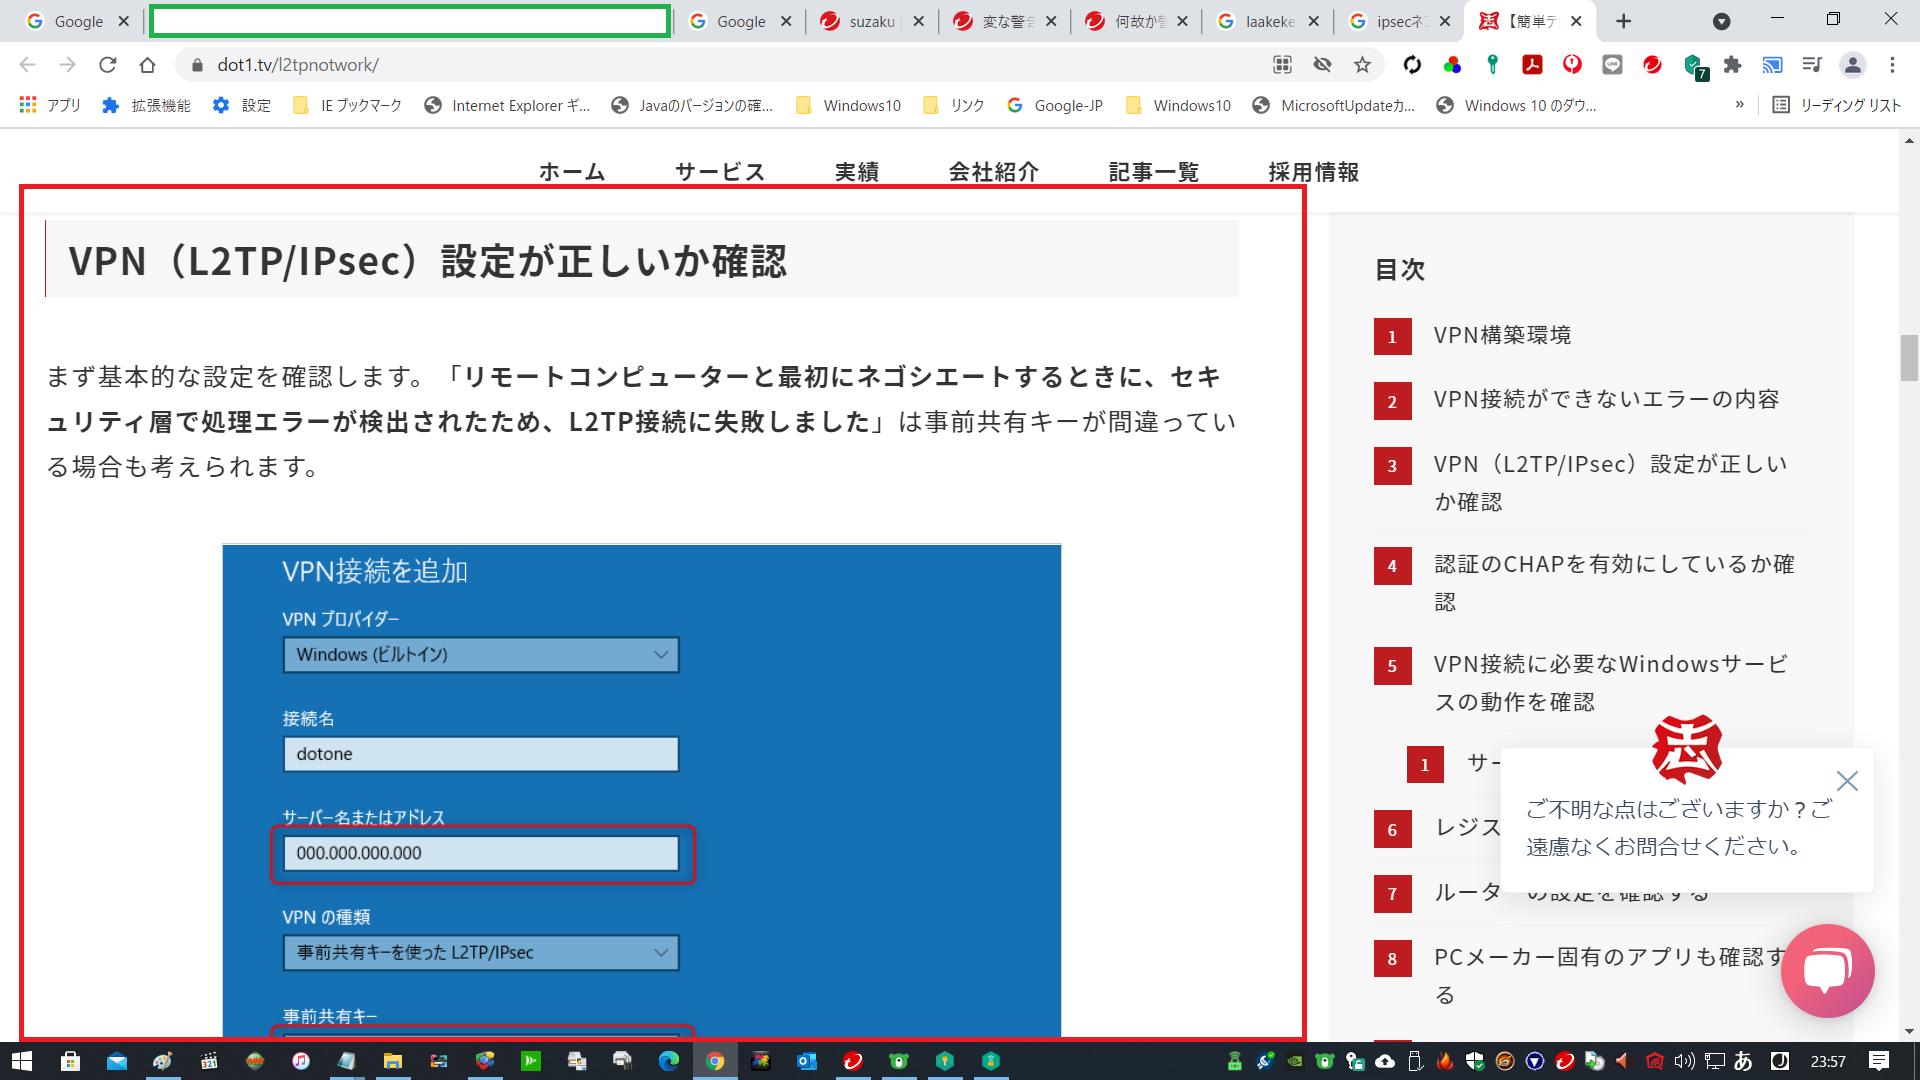 最初 する に とき ネゴシエート リモート と コンピューター に Windows10リモートアクセスVPN(L2TP/IPsec)接続ができない時の解決方法